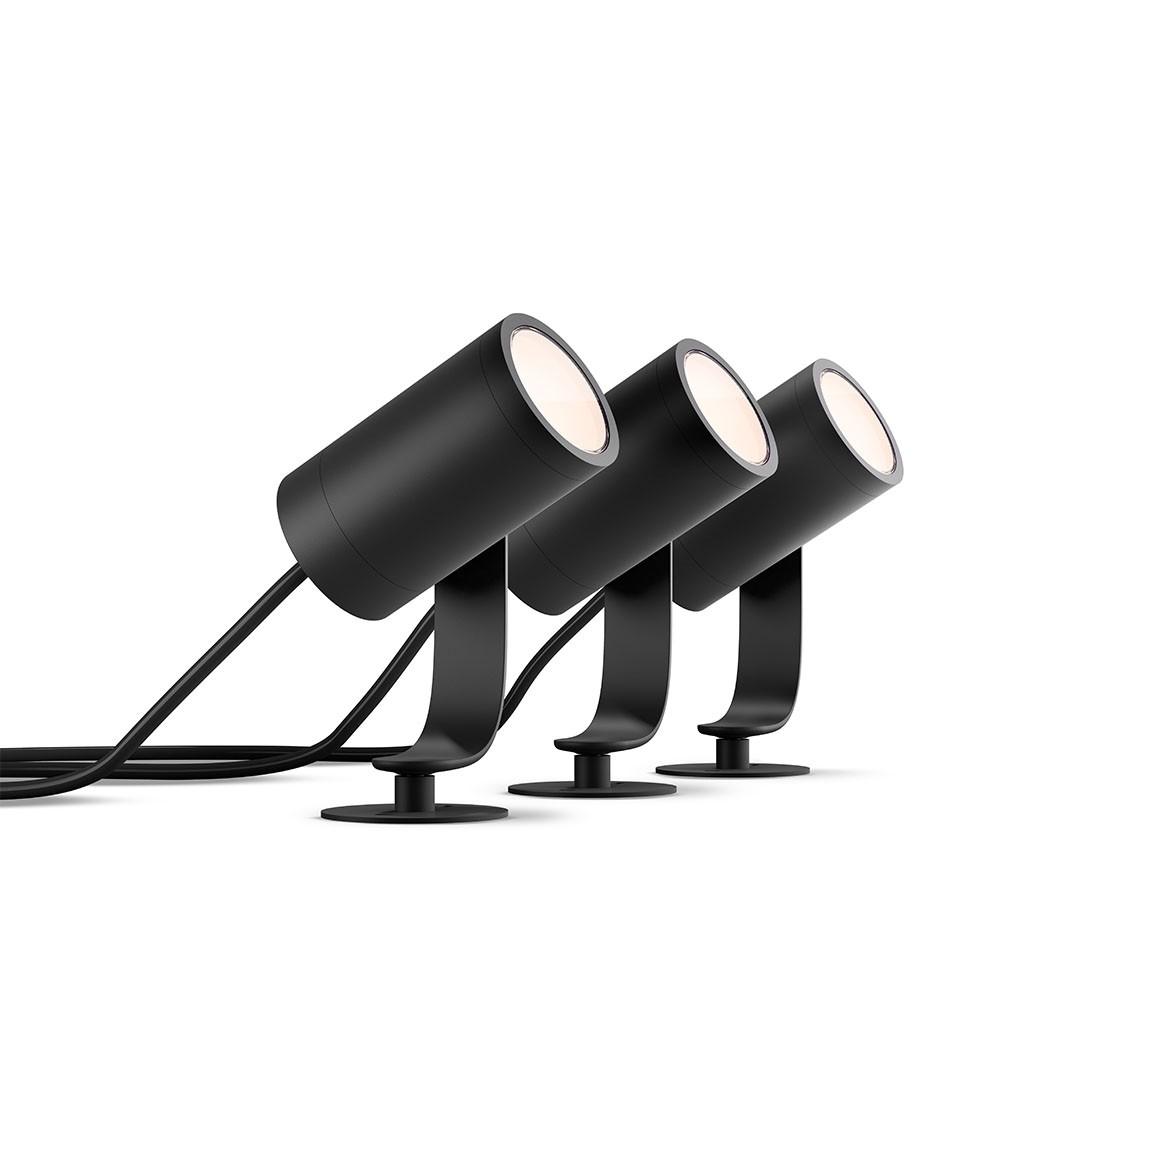 Philips Hue LED Spot Lily Basis Kit (3er-Set) - Schwarz